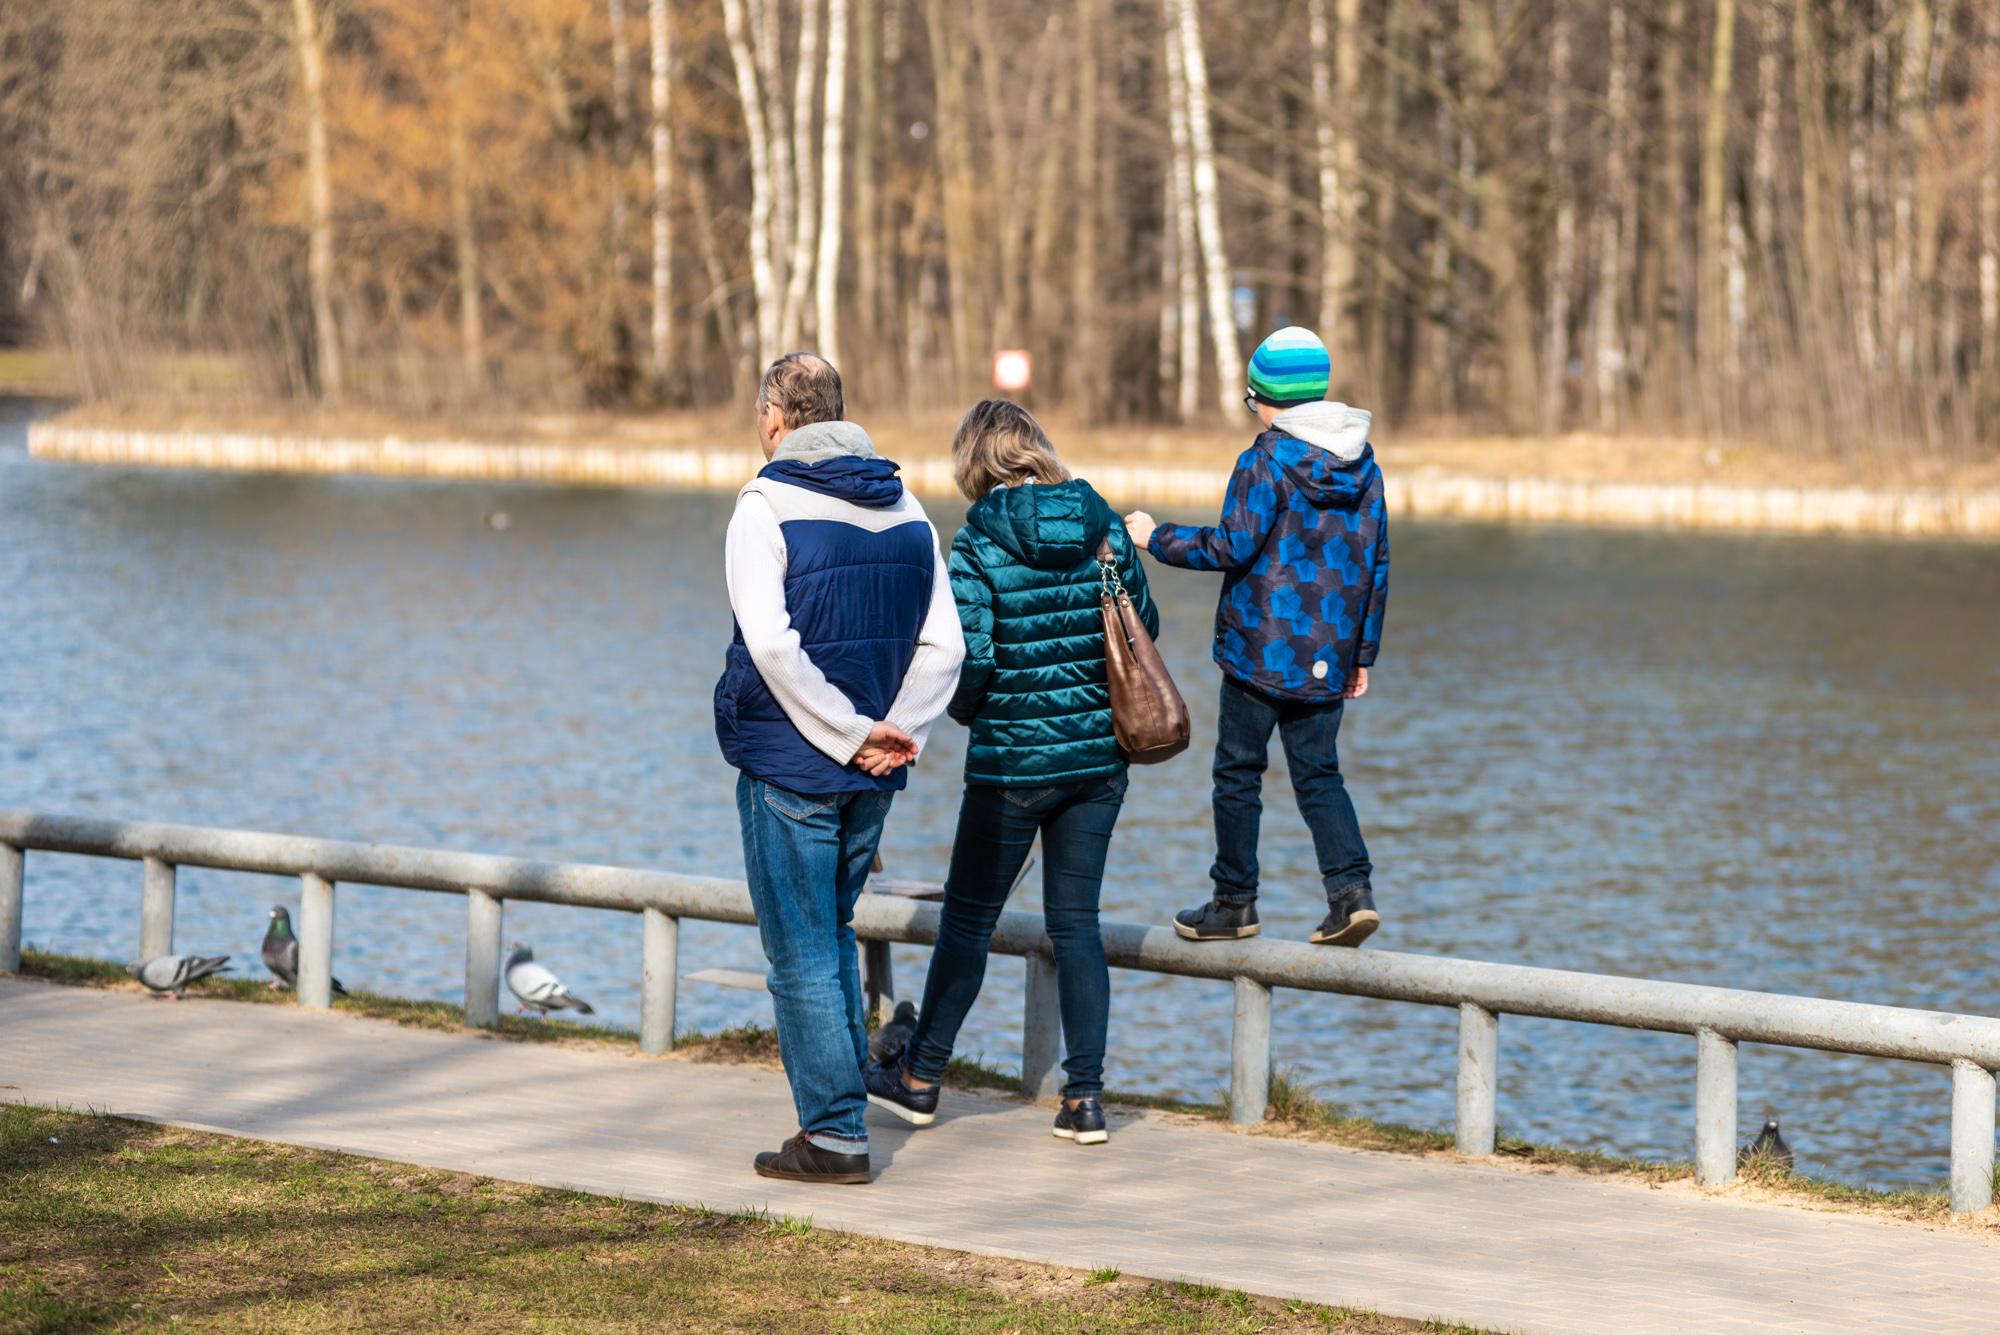 Прогулка в парке с семьей